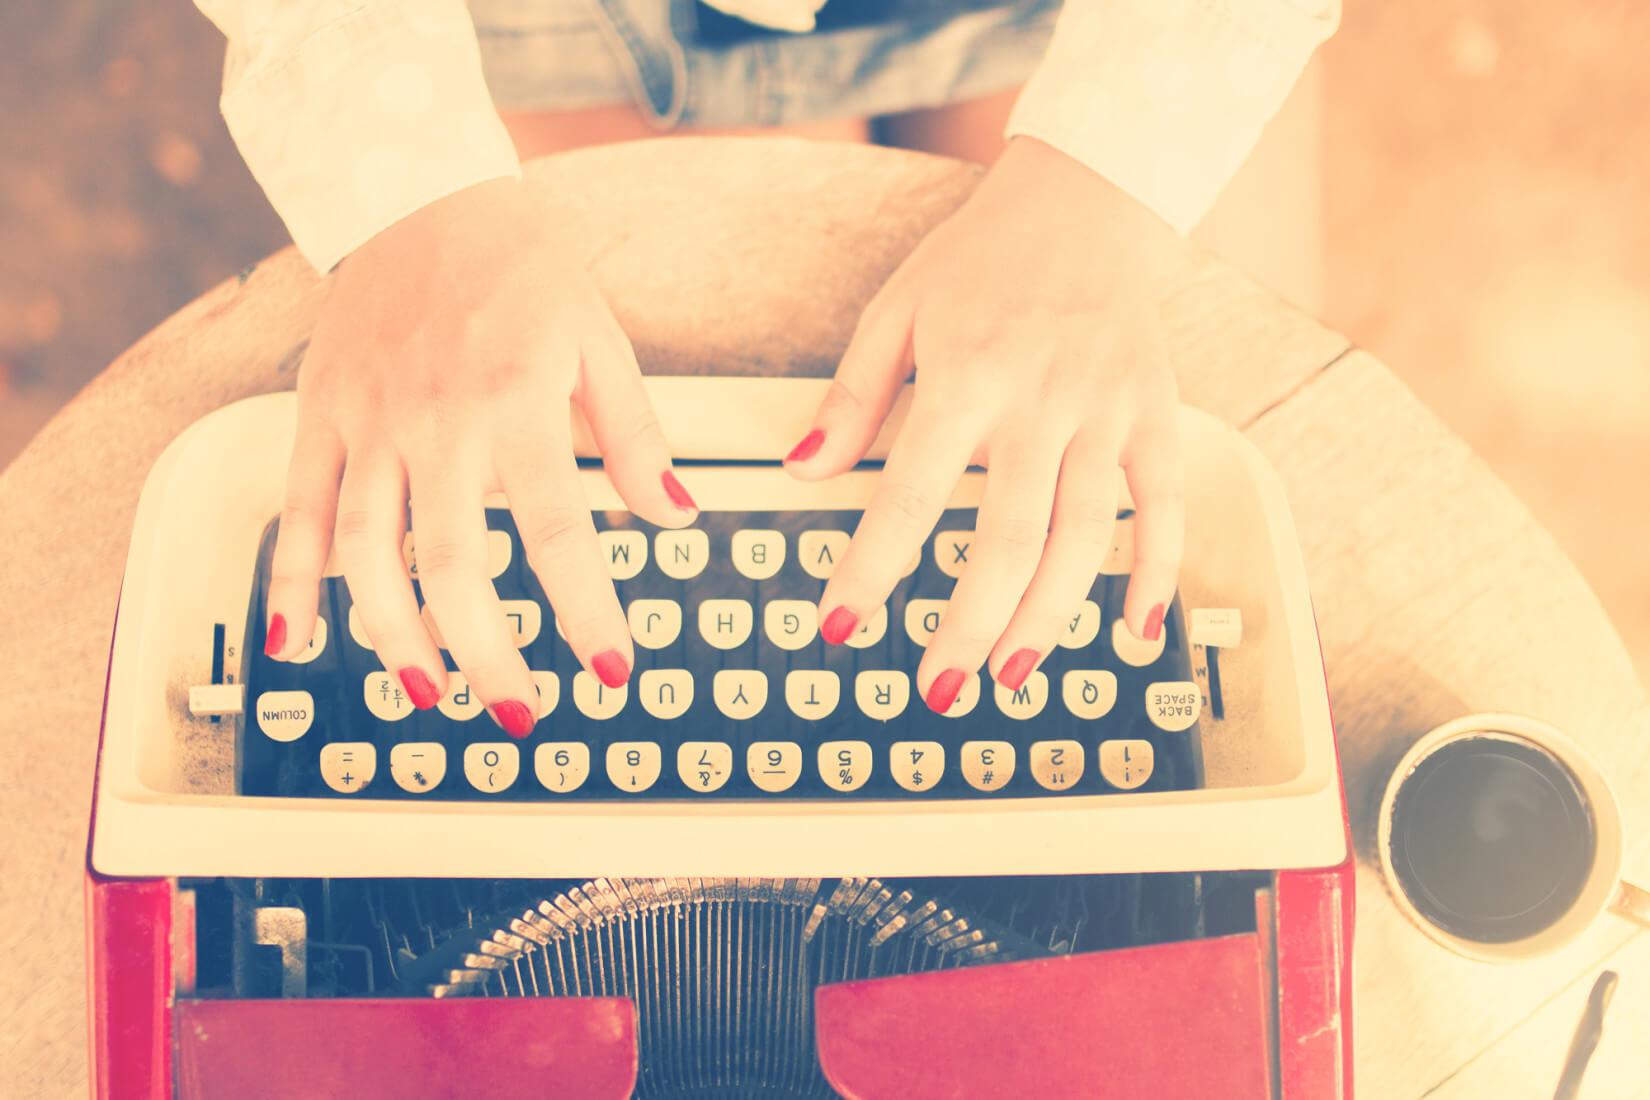 LatestontheBlog LiteraryLaundryList